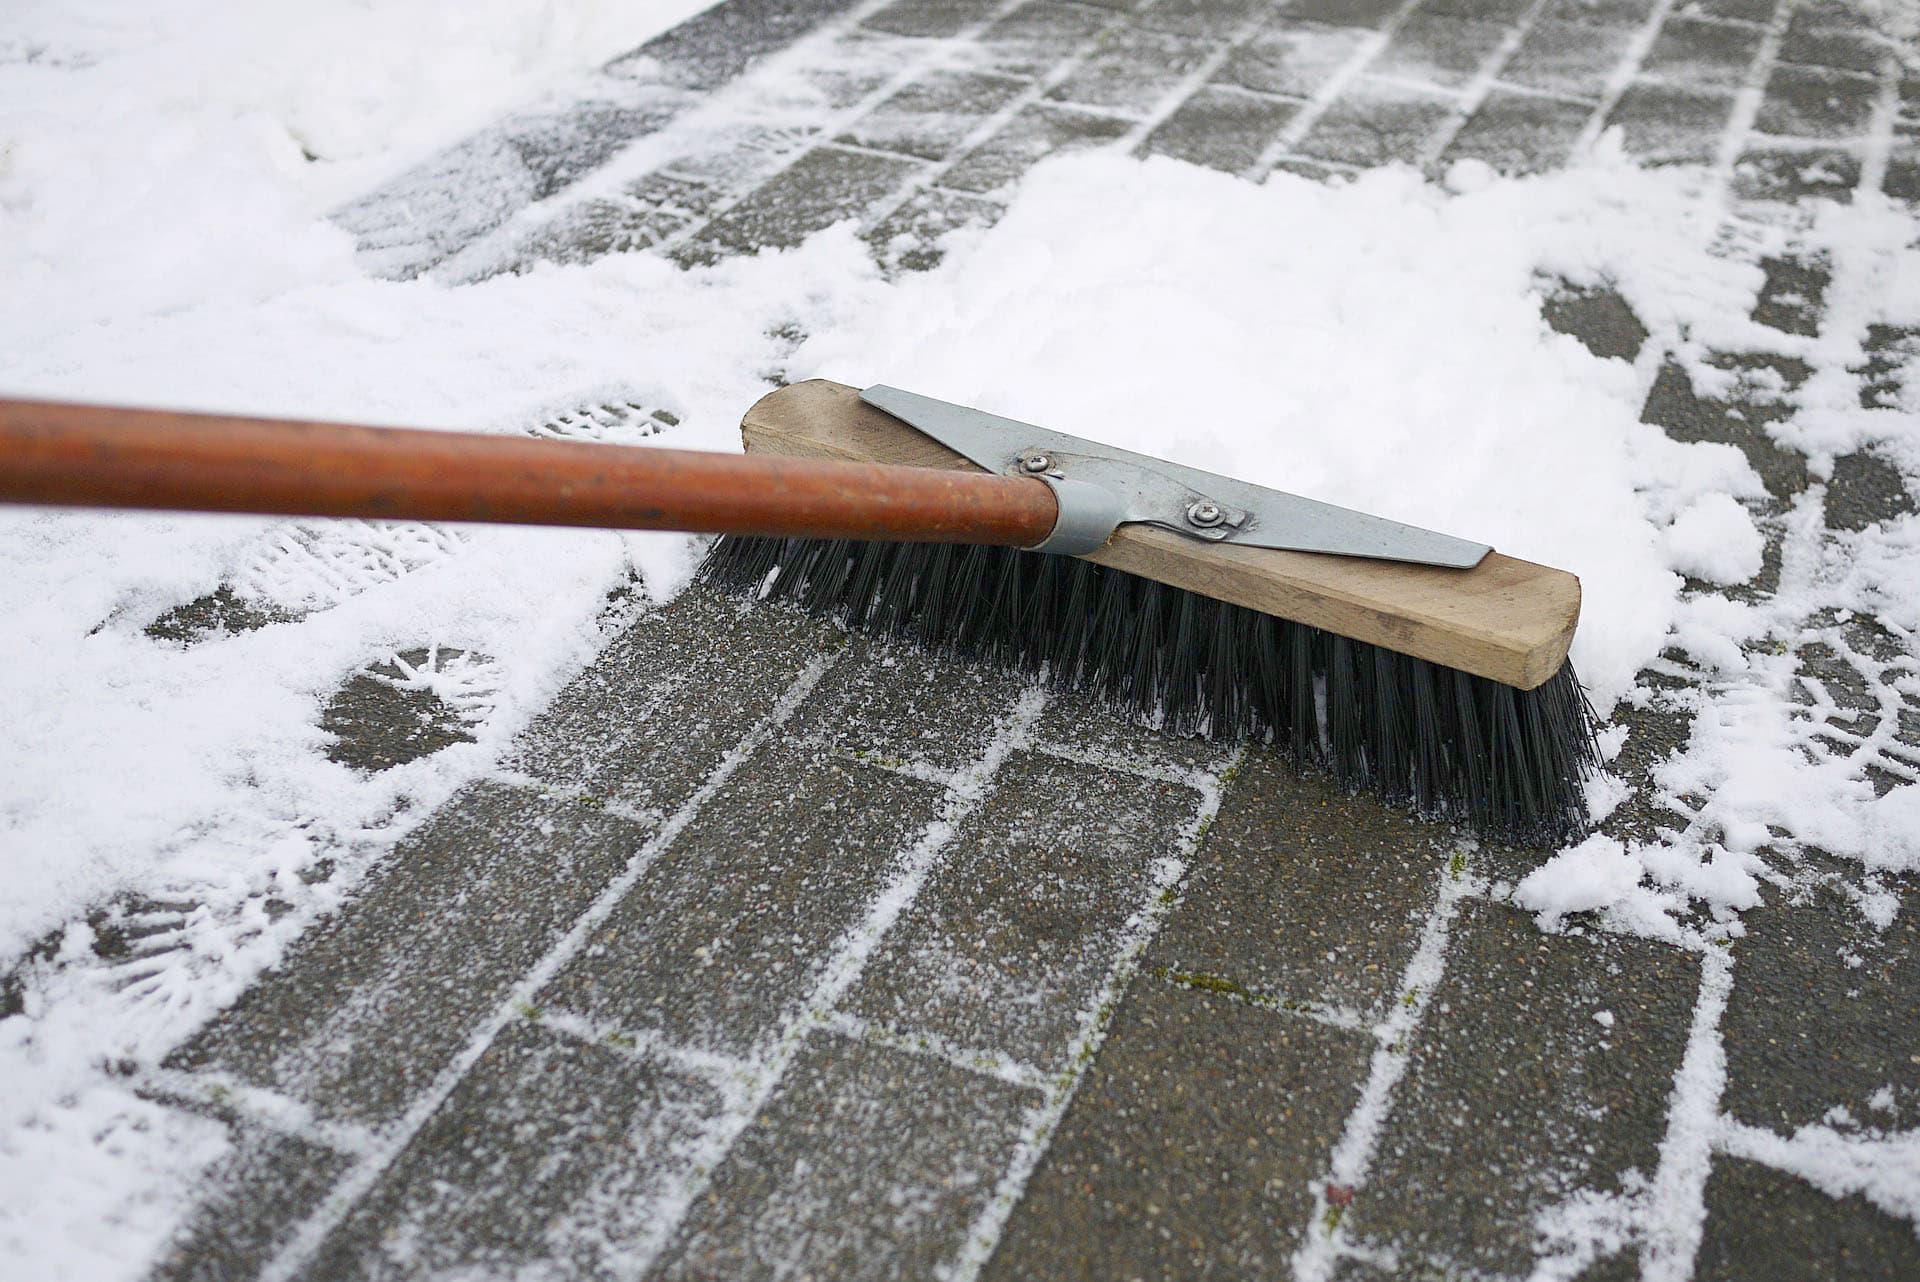 Winterpflicht: Immobilieneigentümer müssen Räum- und Streupflicht beachten